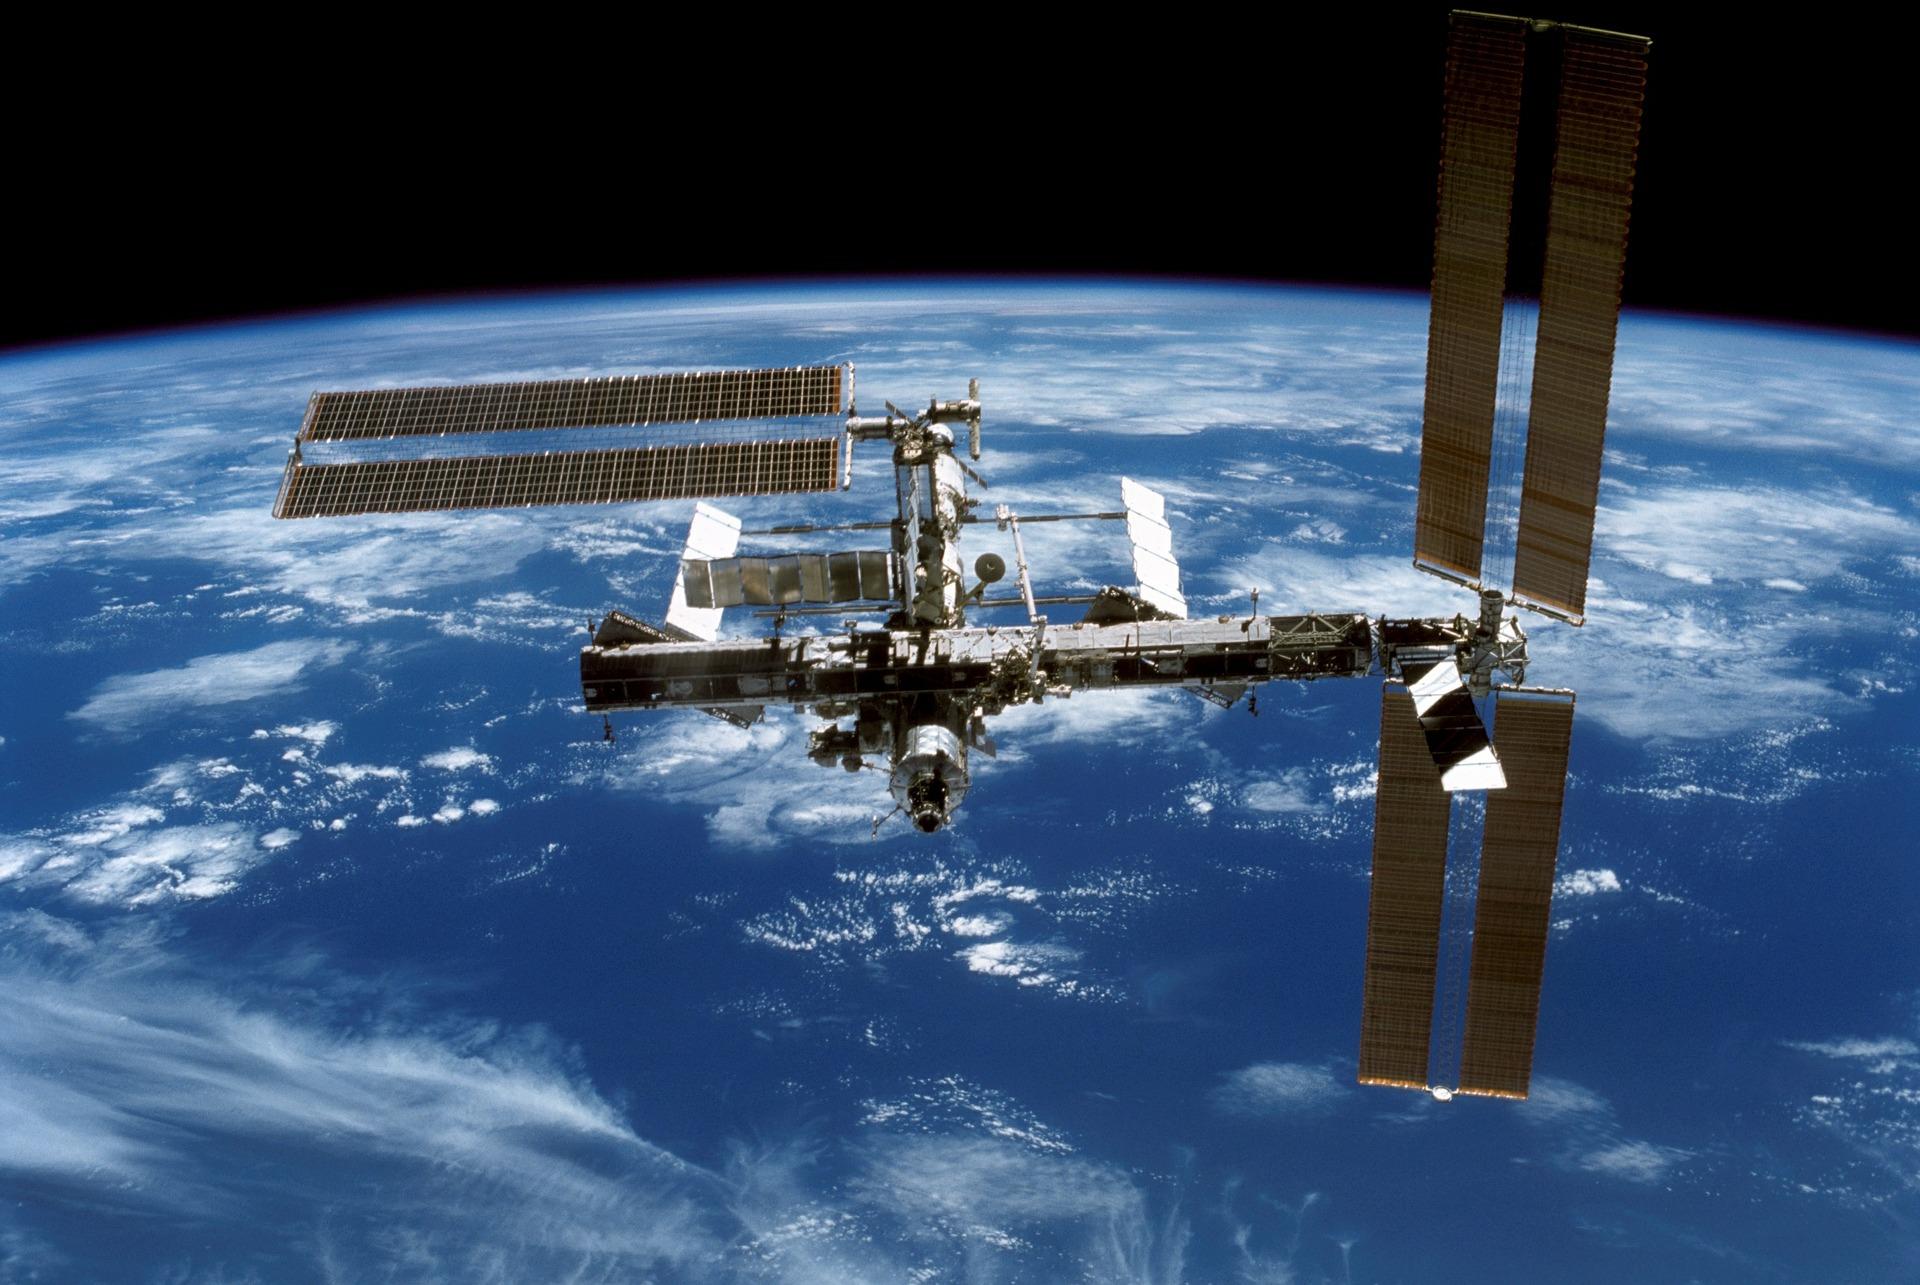 A Esclerose Múltipla está a ser estudada no espaço